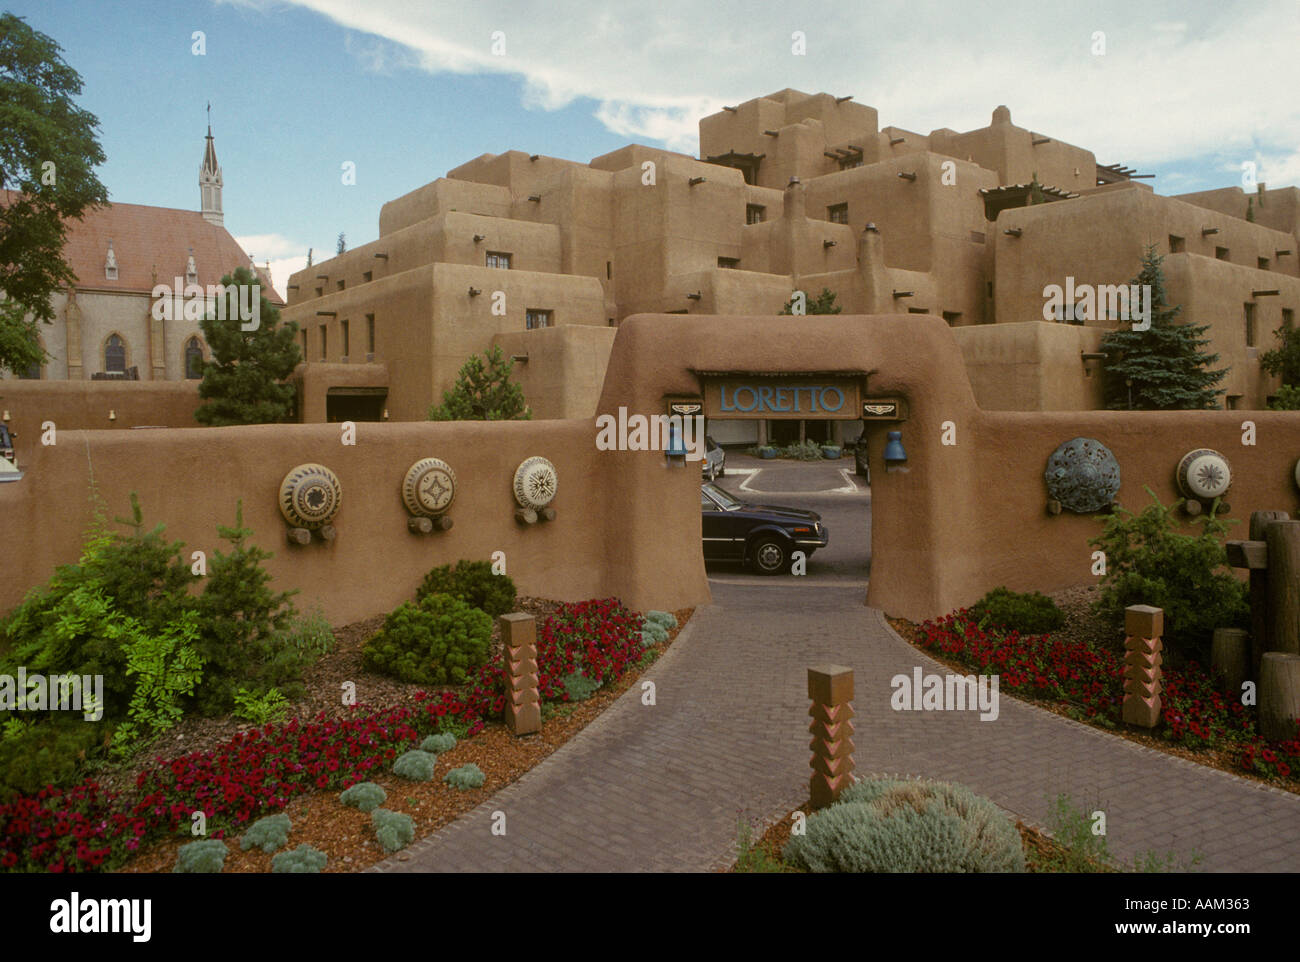 Spa Resort New Mexico Santa Fe